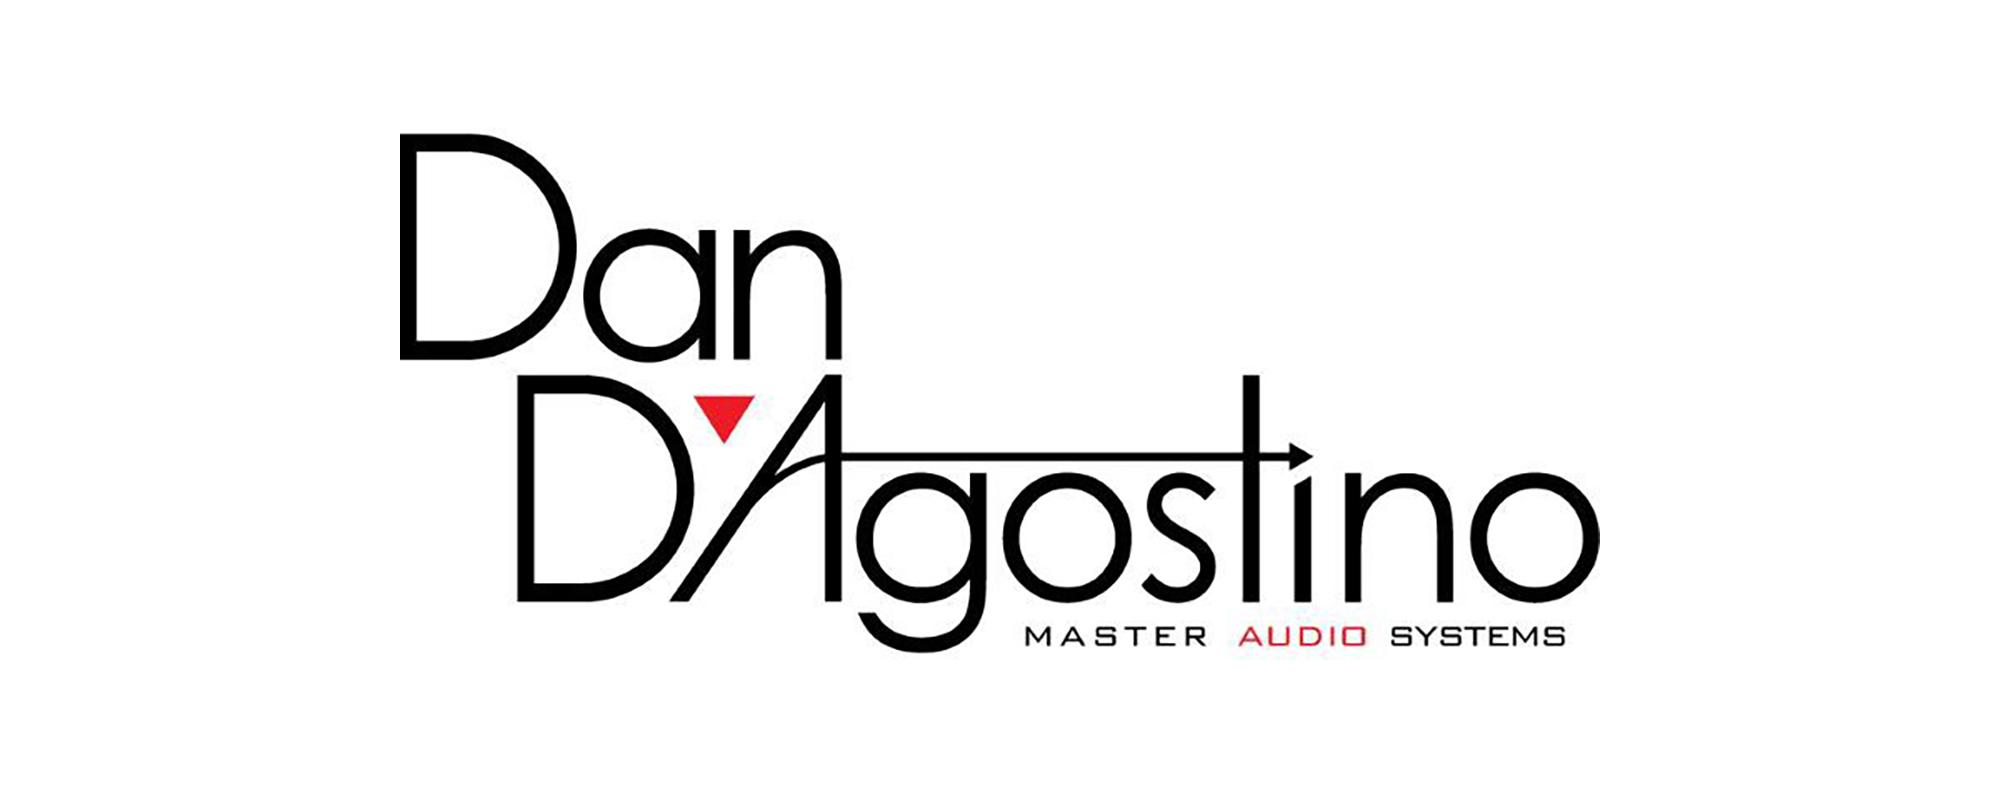 Dan D'Agostino Banner 1 - Norman Audio